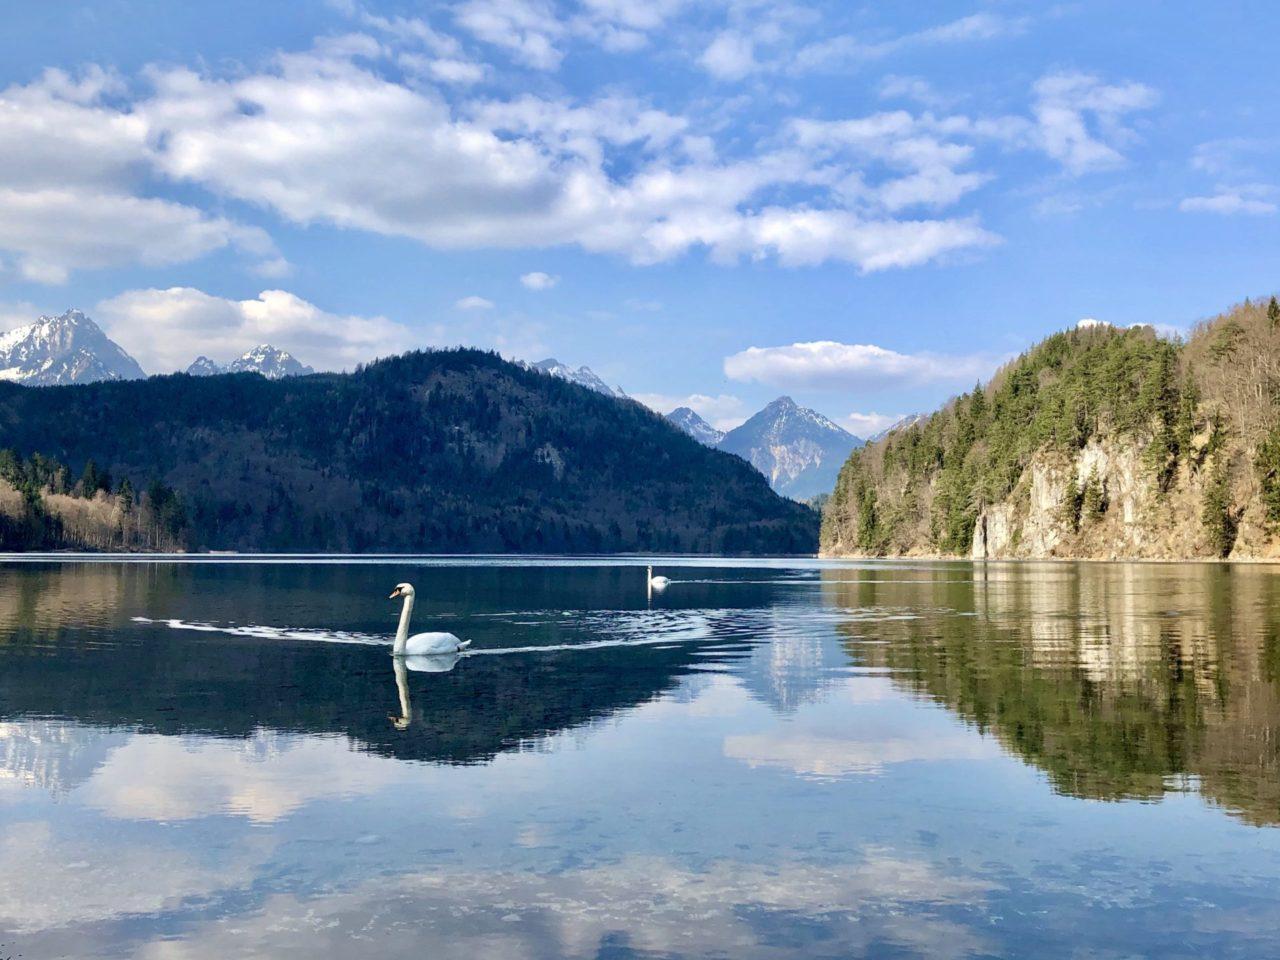 Ein Schwan in einem See vor Bergen